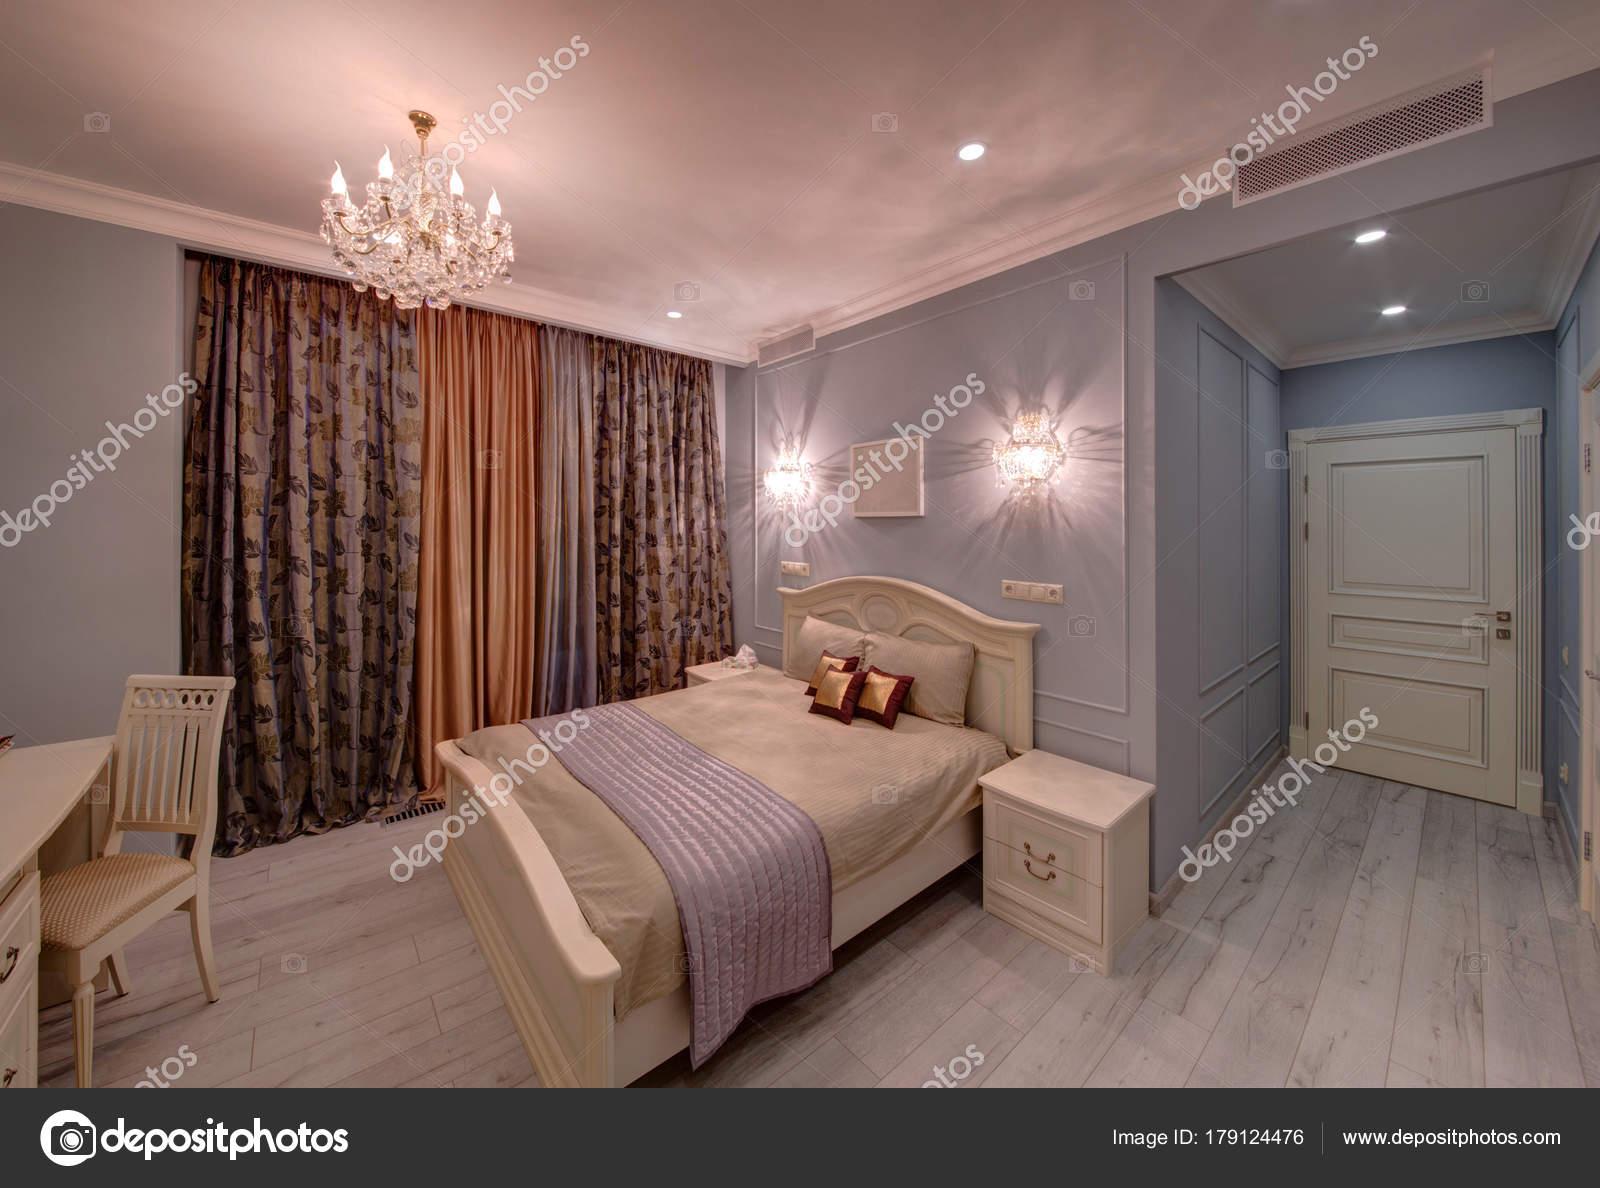 Kronleuchter Für Schlafzimmer ~ Die leichte großes schlafzimmer mit einem bett kronleuchter und